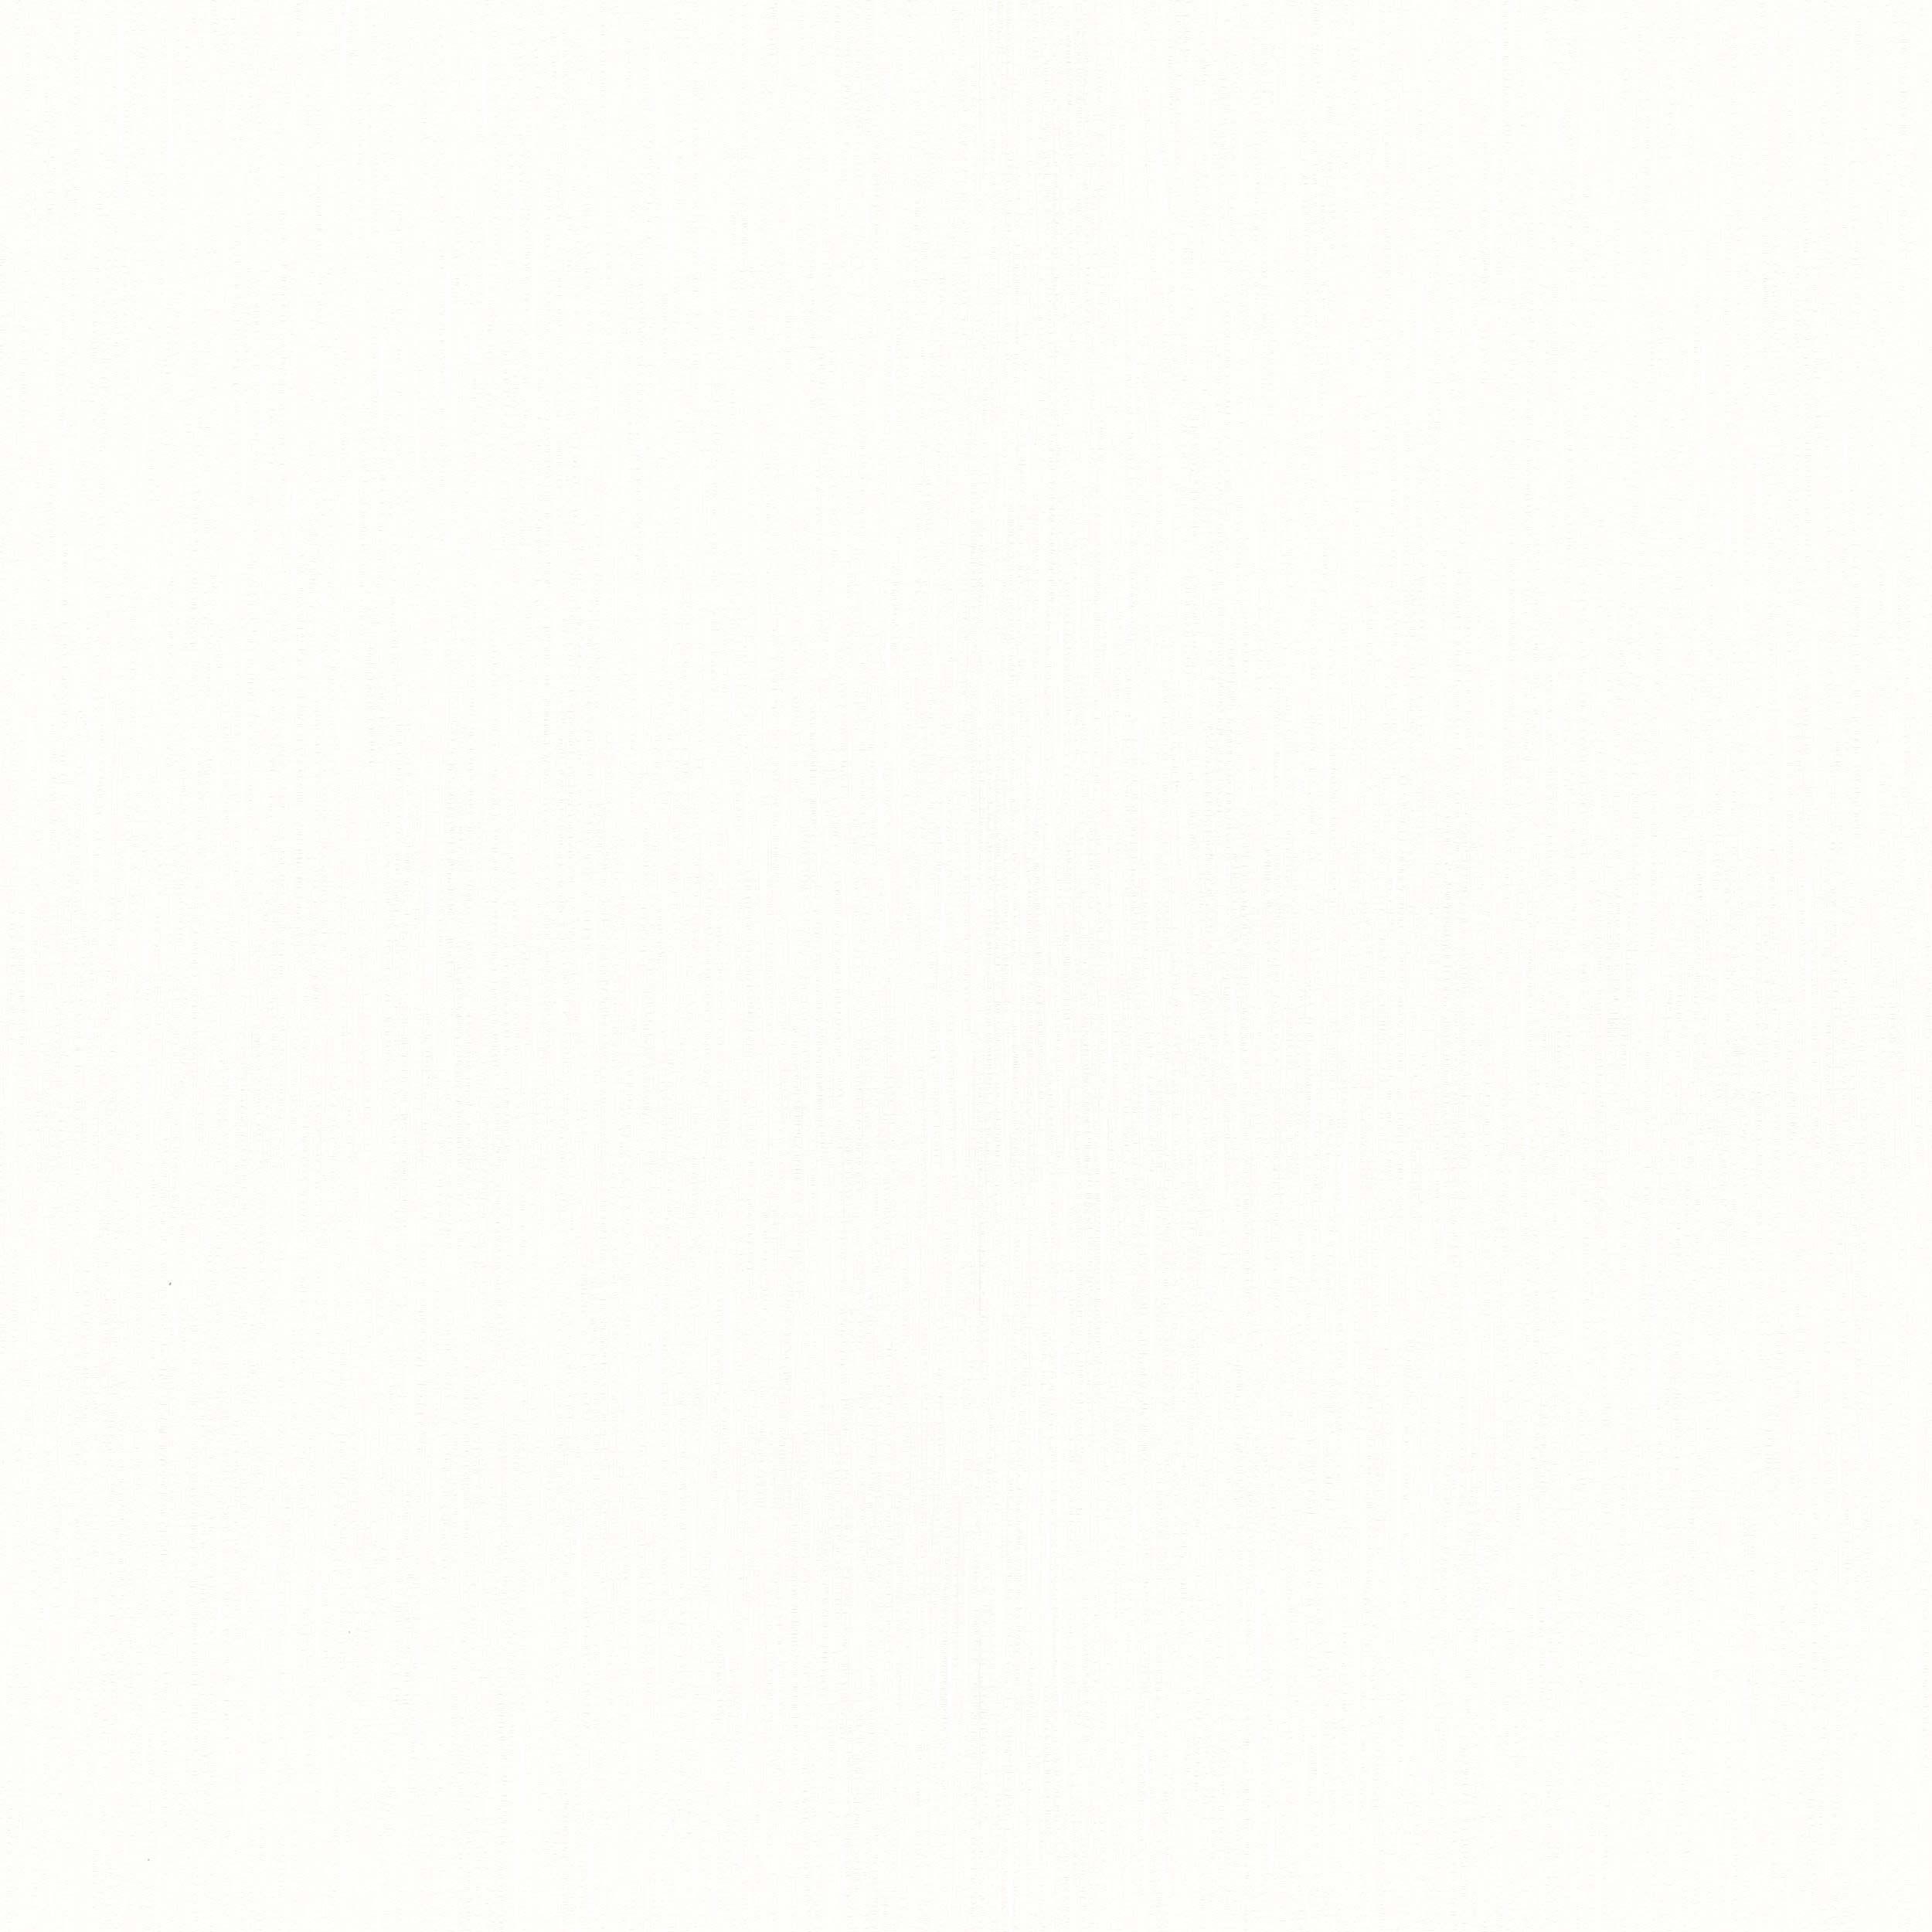 Binkele Farben, Lacke & Tapeten Onlinehandel - Marburg ESTELLE 56501